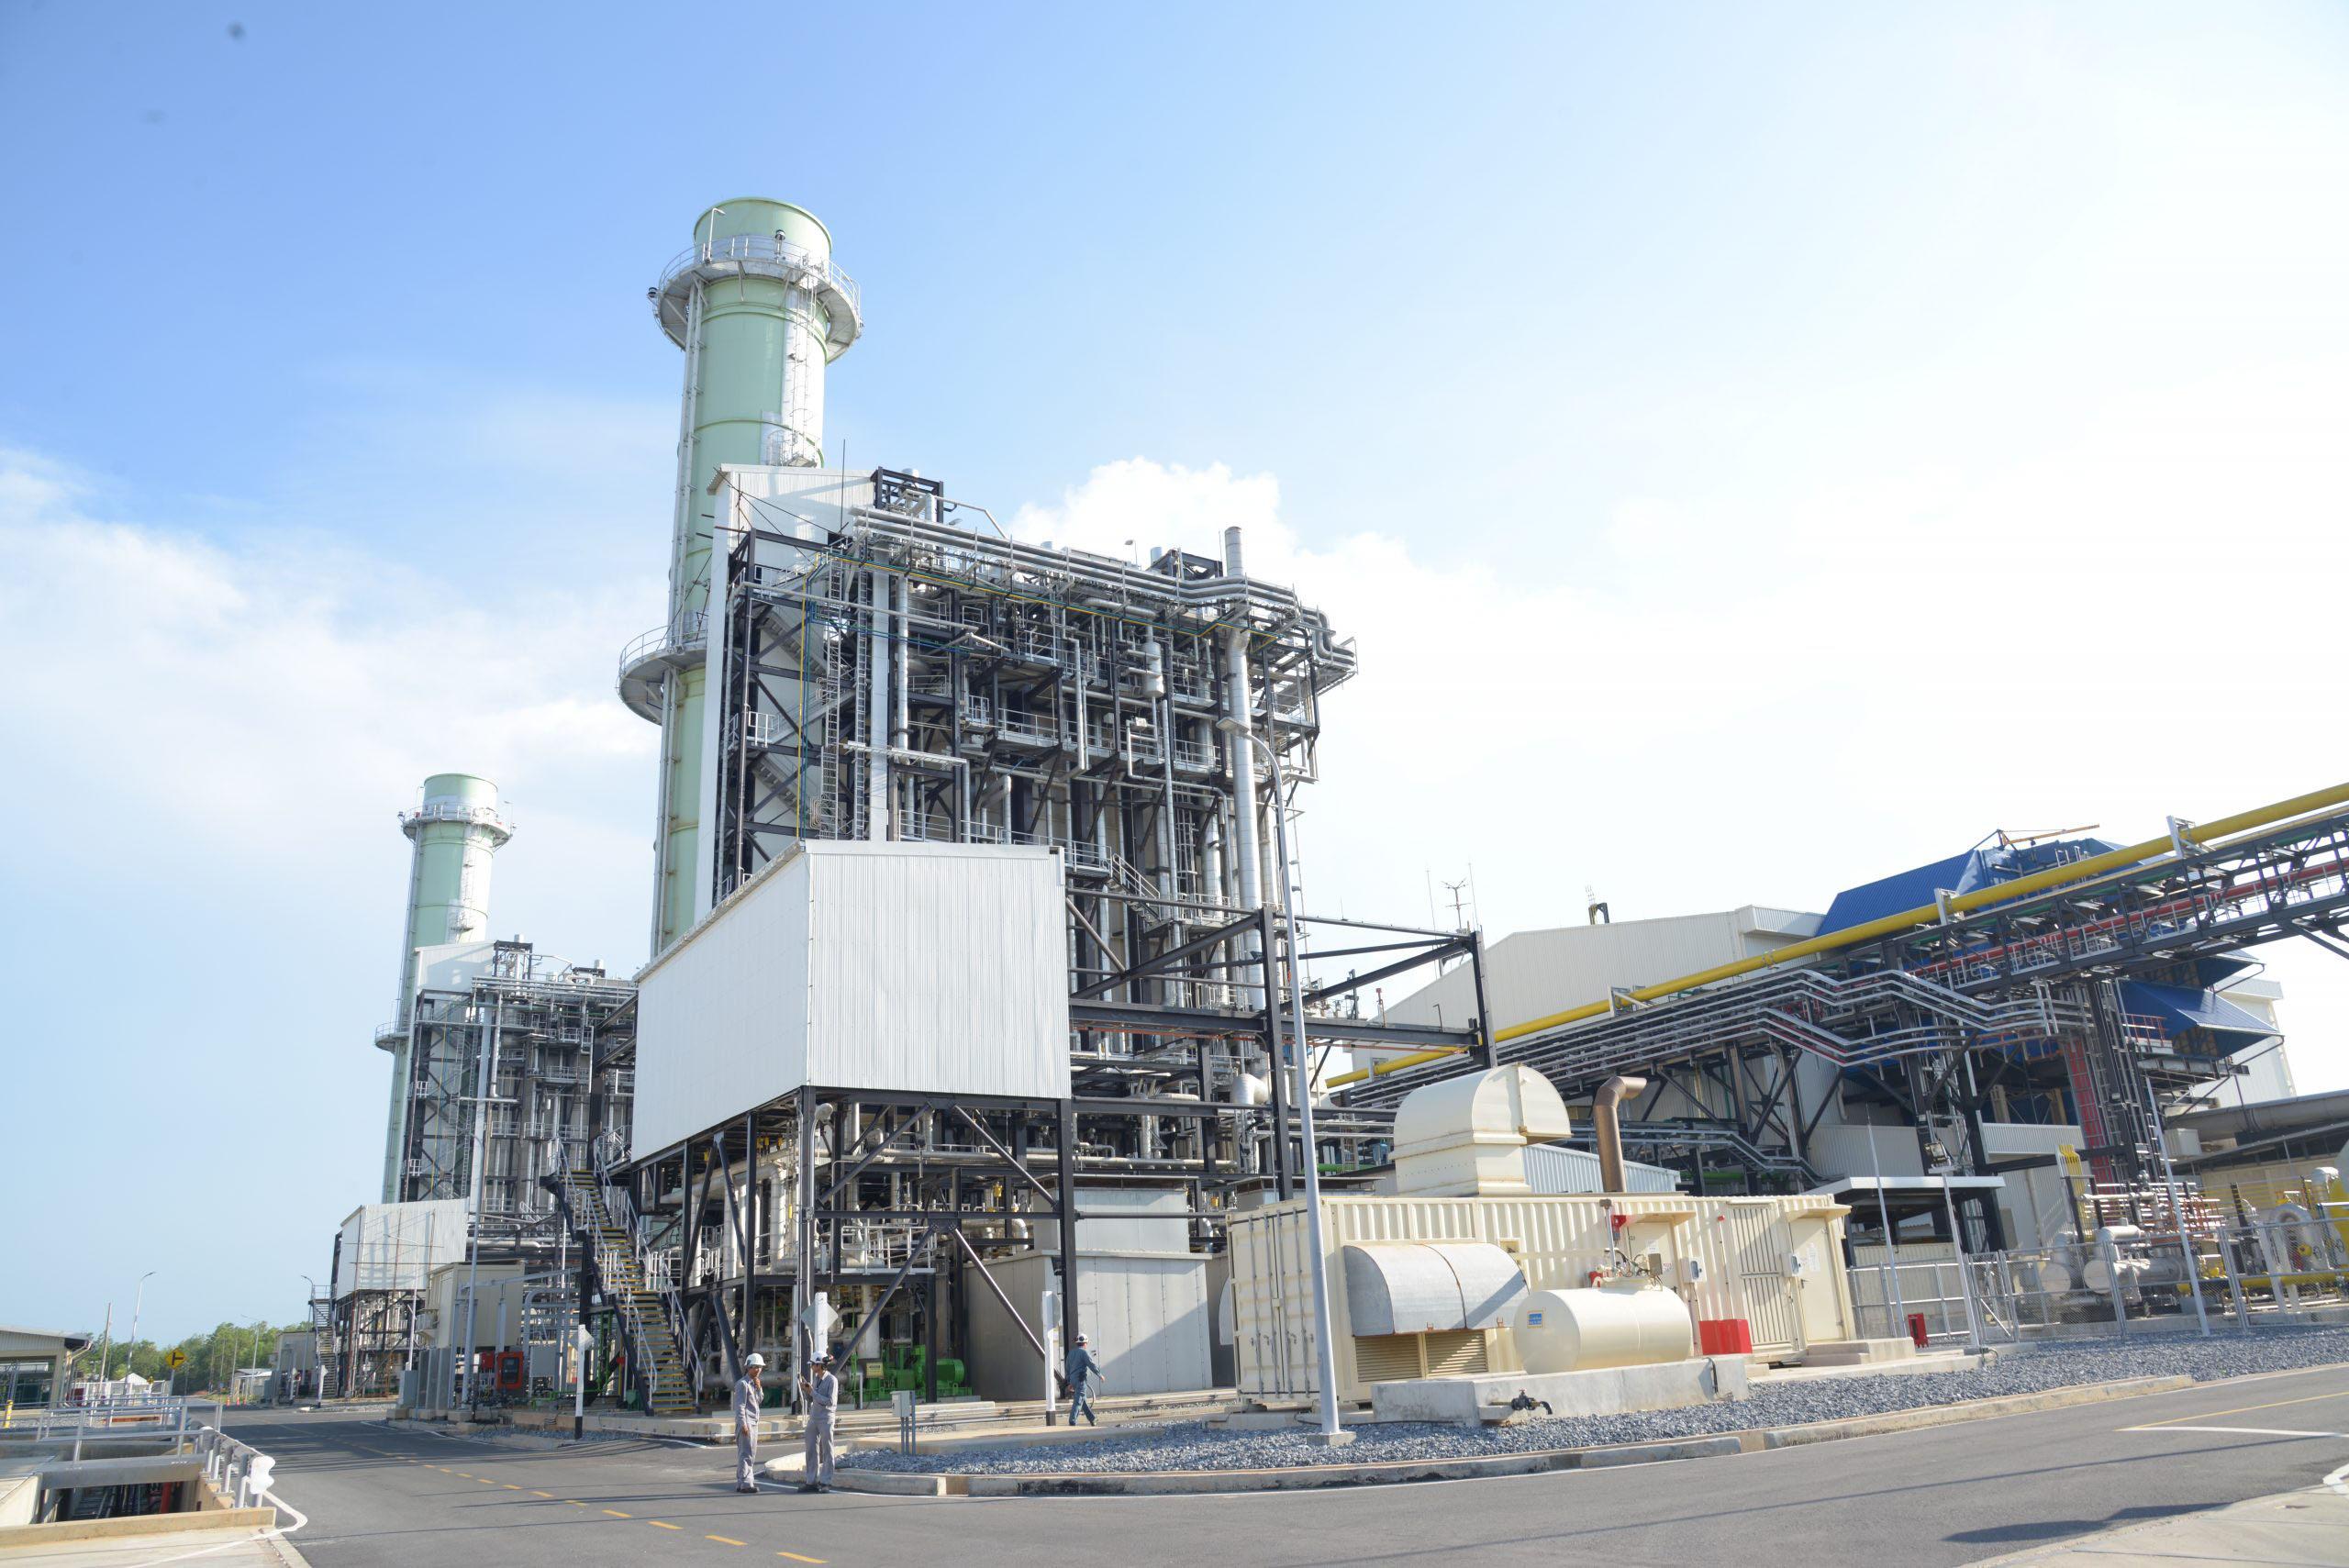 โครงสร้างอัตราค่าไฟฟ้า และค่าไฟฟ้าอัตโนมัติ (Ft)